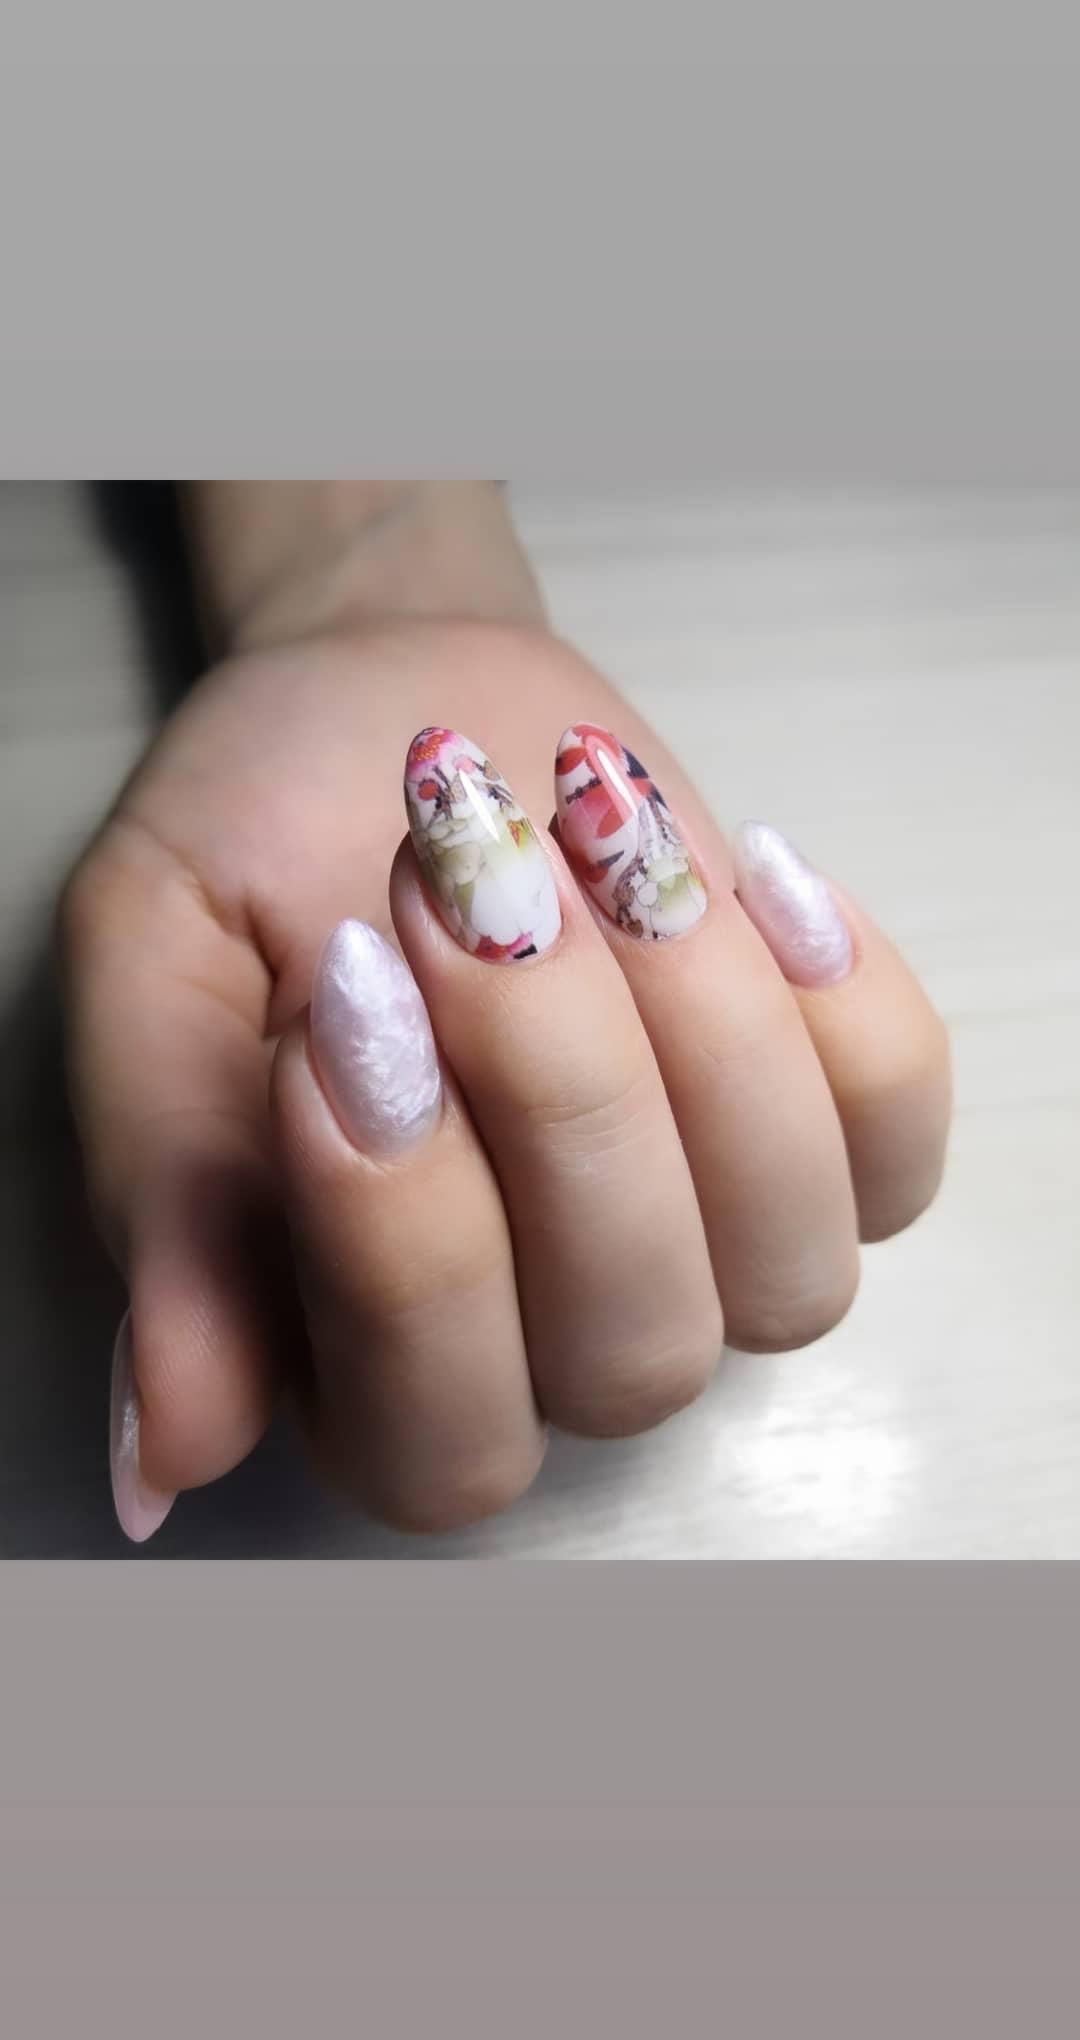 Маникюр с цветочными слайдерами в молочном цвете.